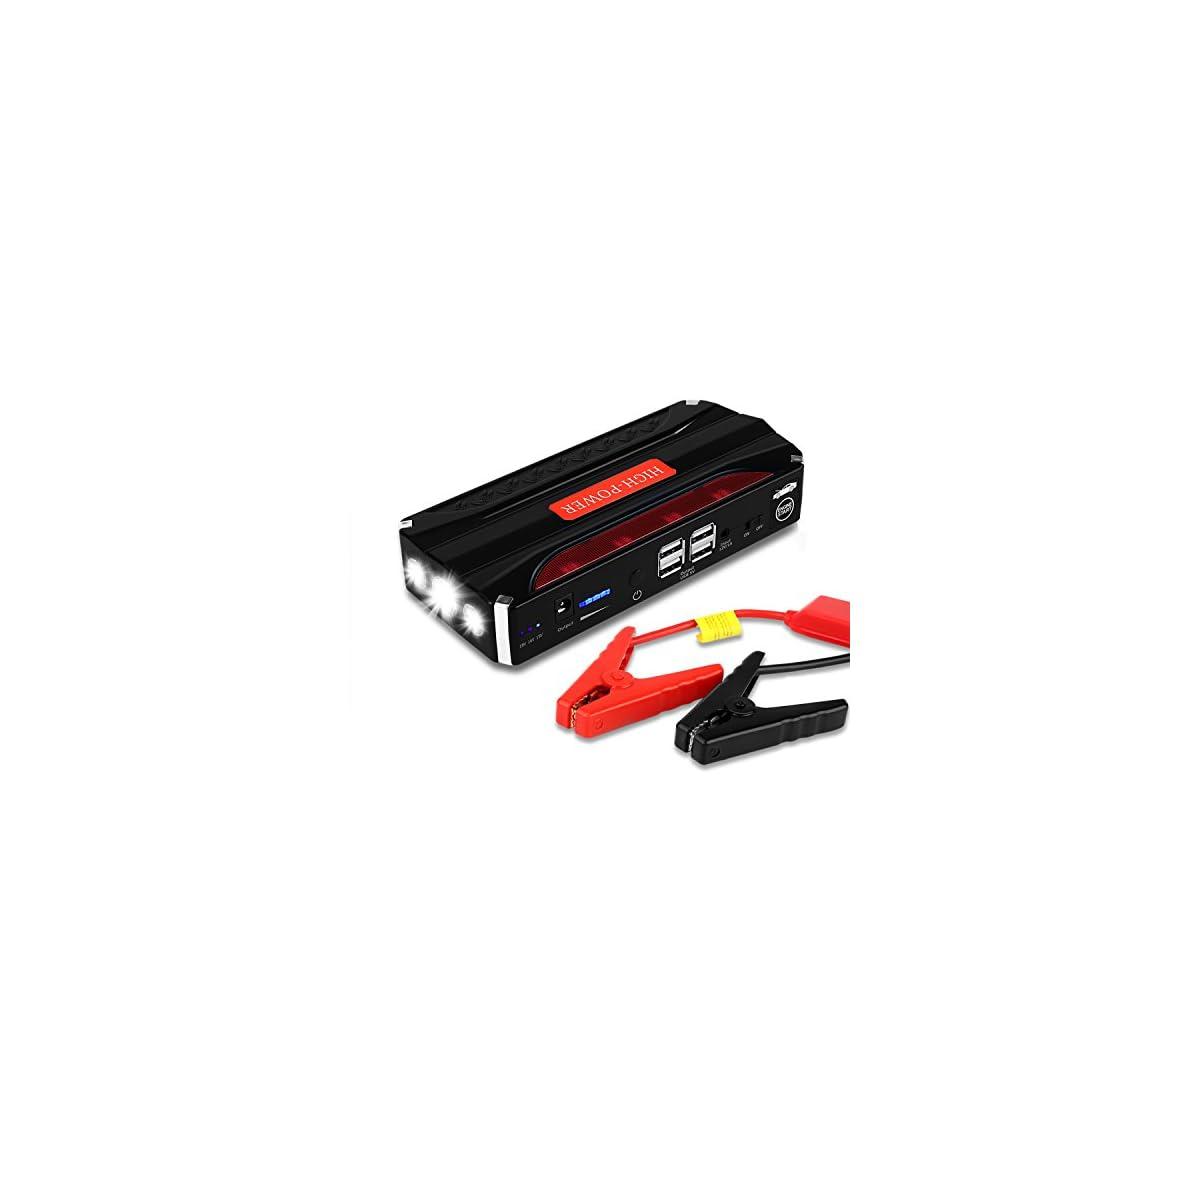 51hFIarj0TL. SS1200  - Jump Starter Batería Portátil de Emergencia para coche, YOKKAO Arrancador de Emergencia para coche 16800mAh 600, Kit de Arranque para coche con USB, Luz LED, Cargador Power Bank para Coche, Moto, Laptop, Smartphone, etc.